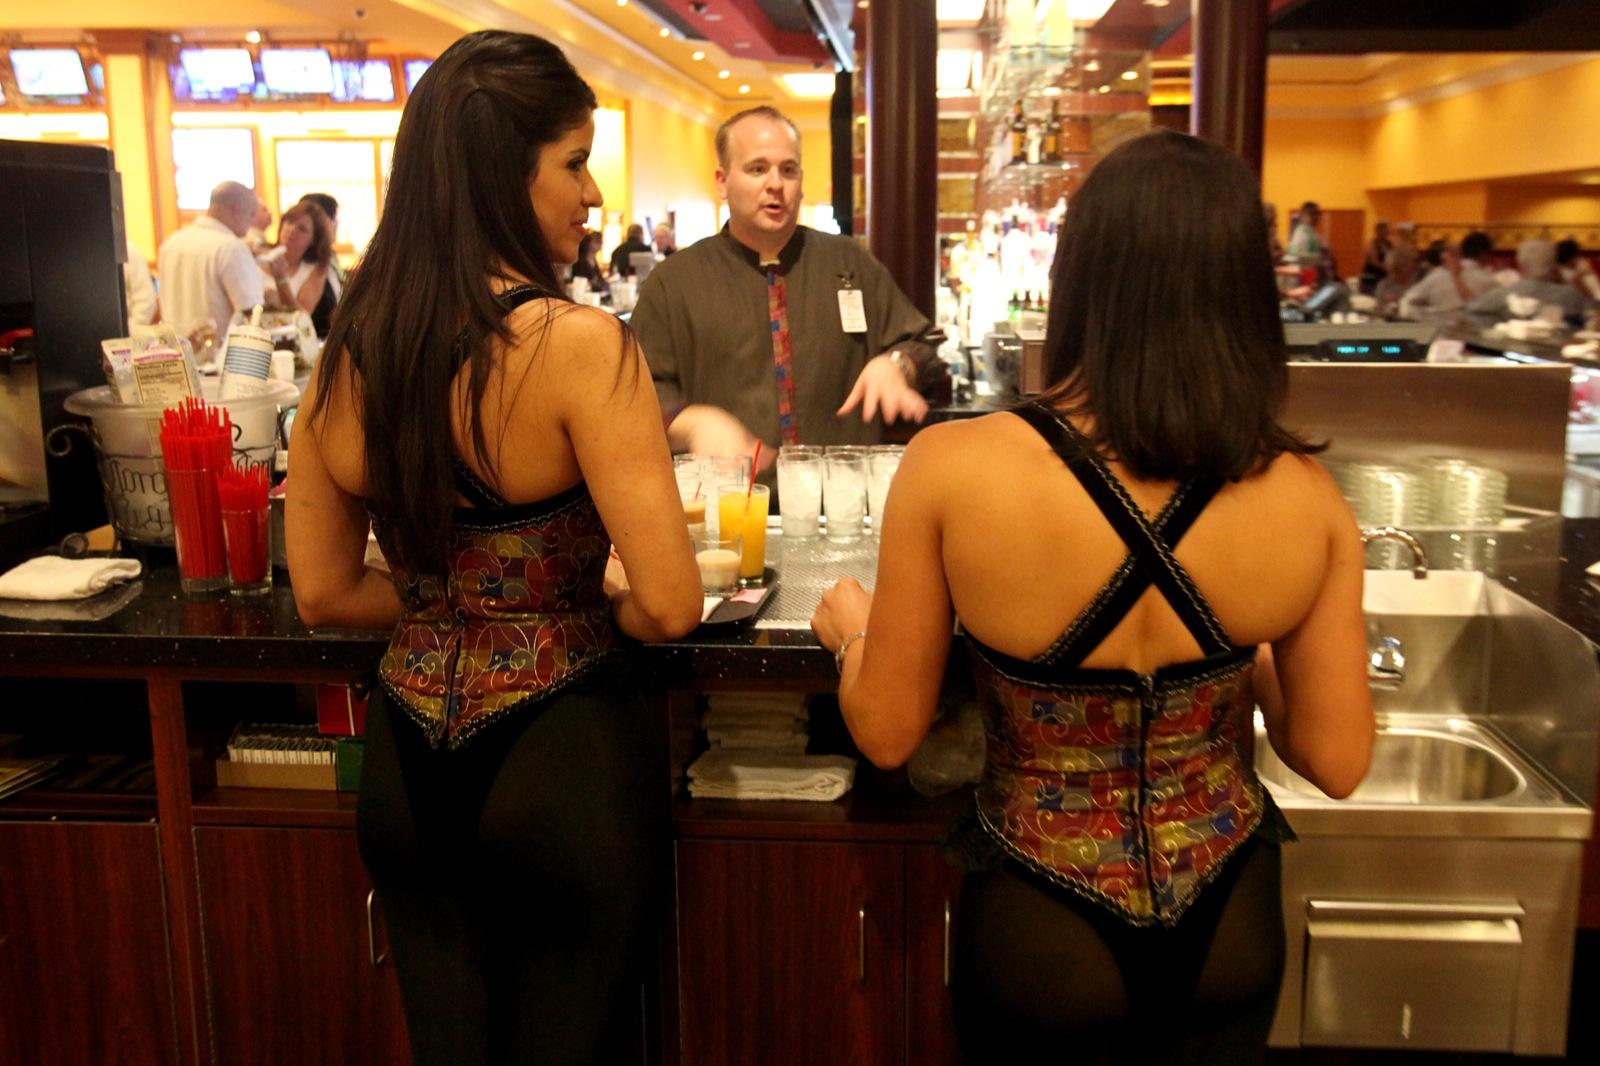 Vegas Casino Free Drinks